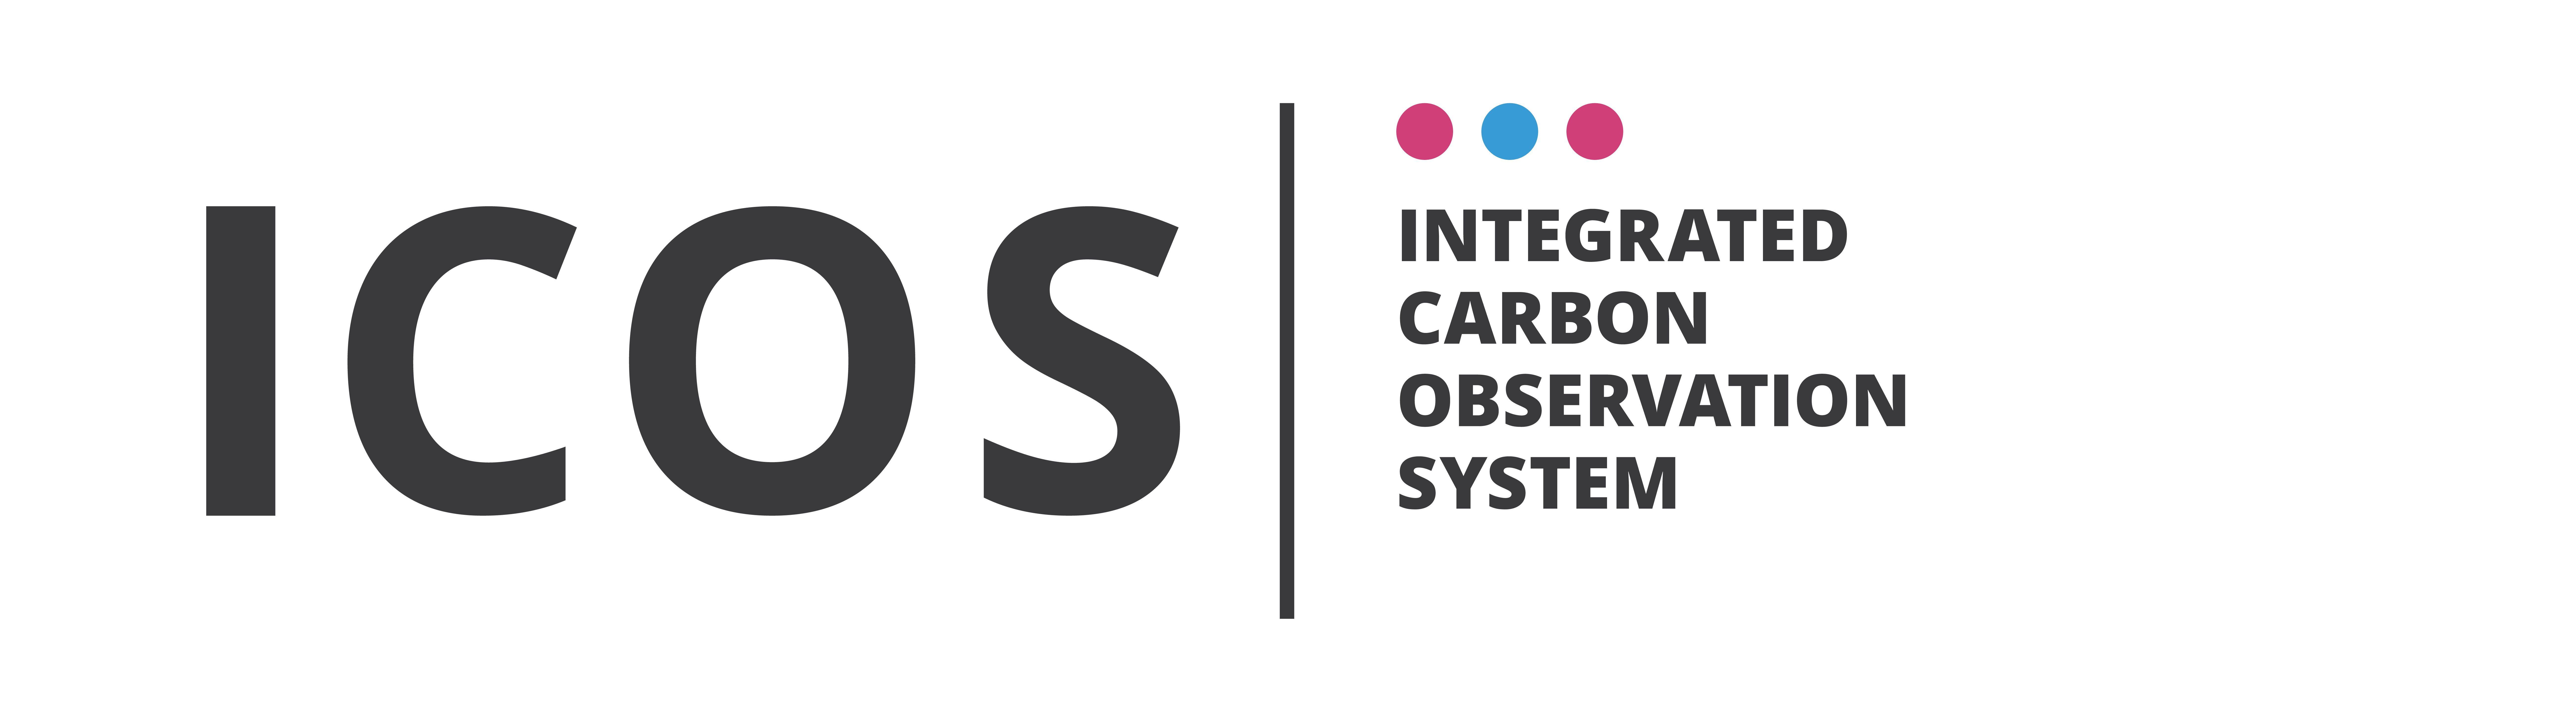 logo for Integrated Carbon Observation System